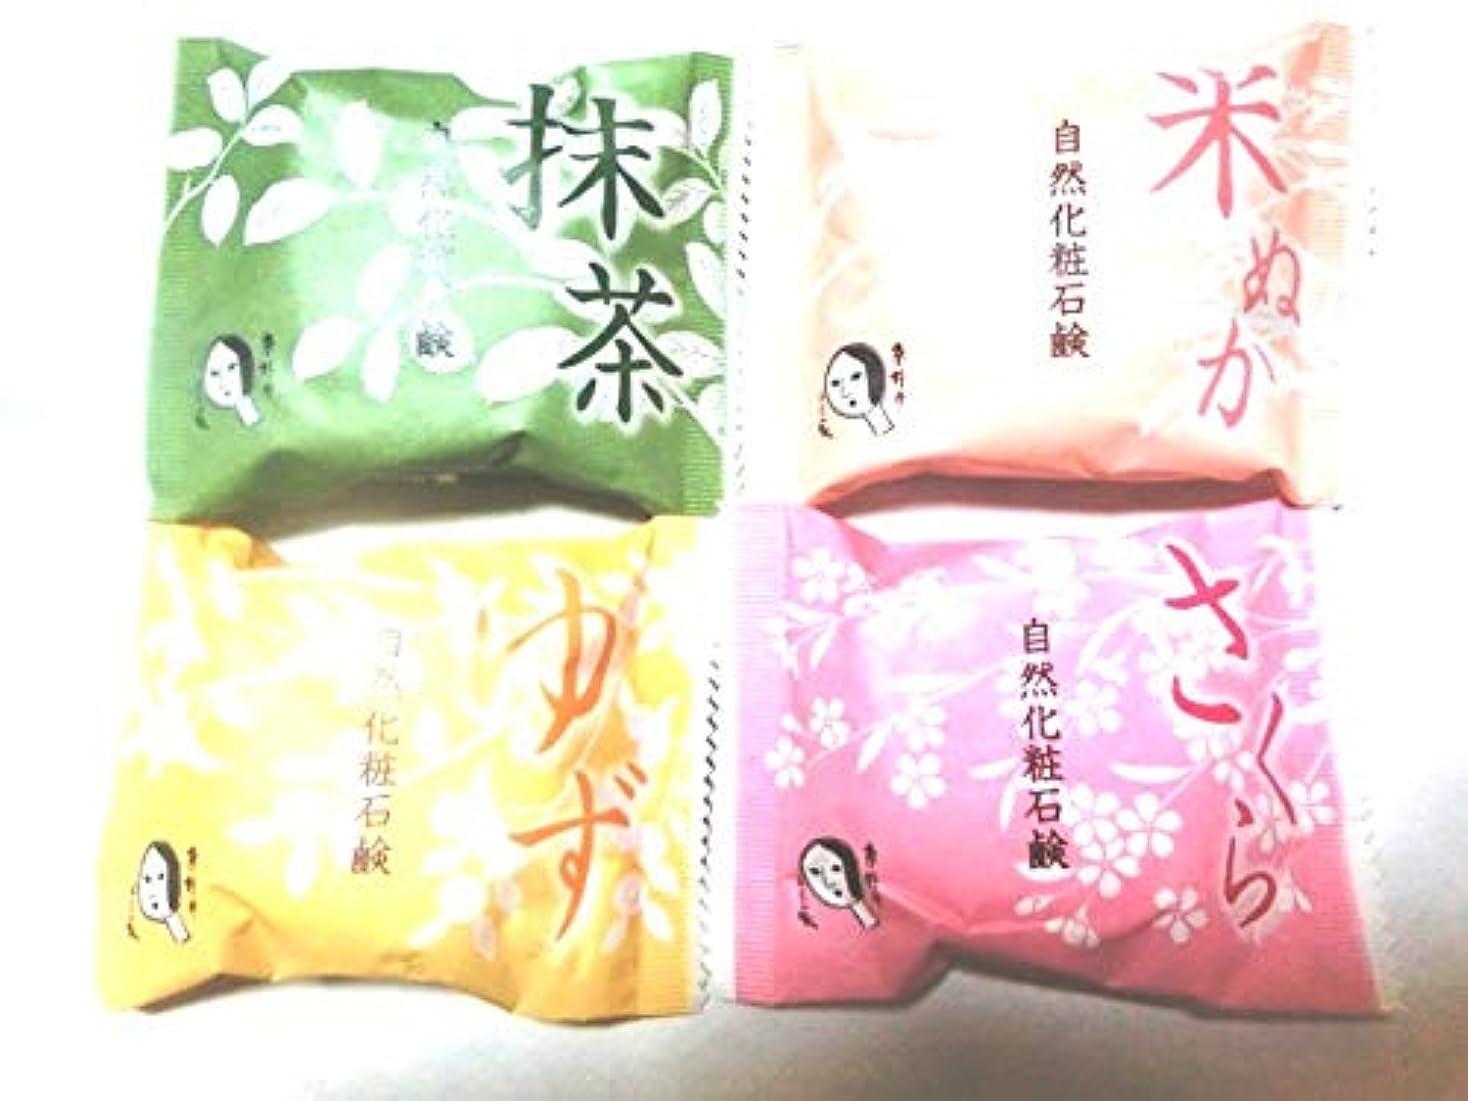 基準アイロニーおっとよーじや 自然化粧石鹸 50g (抹茶)